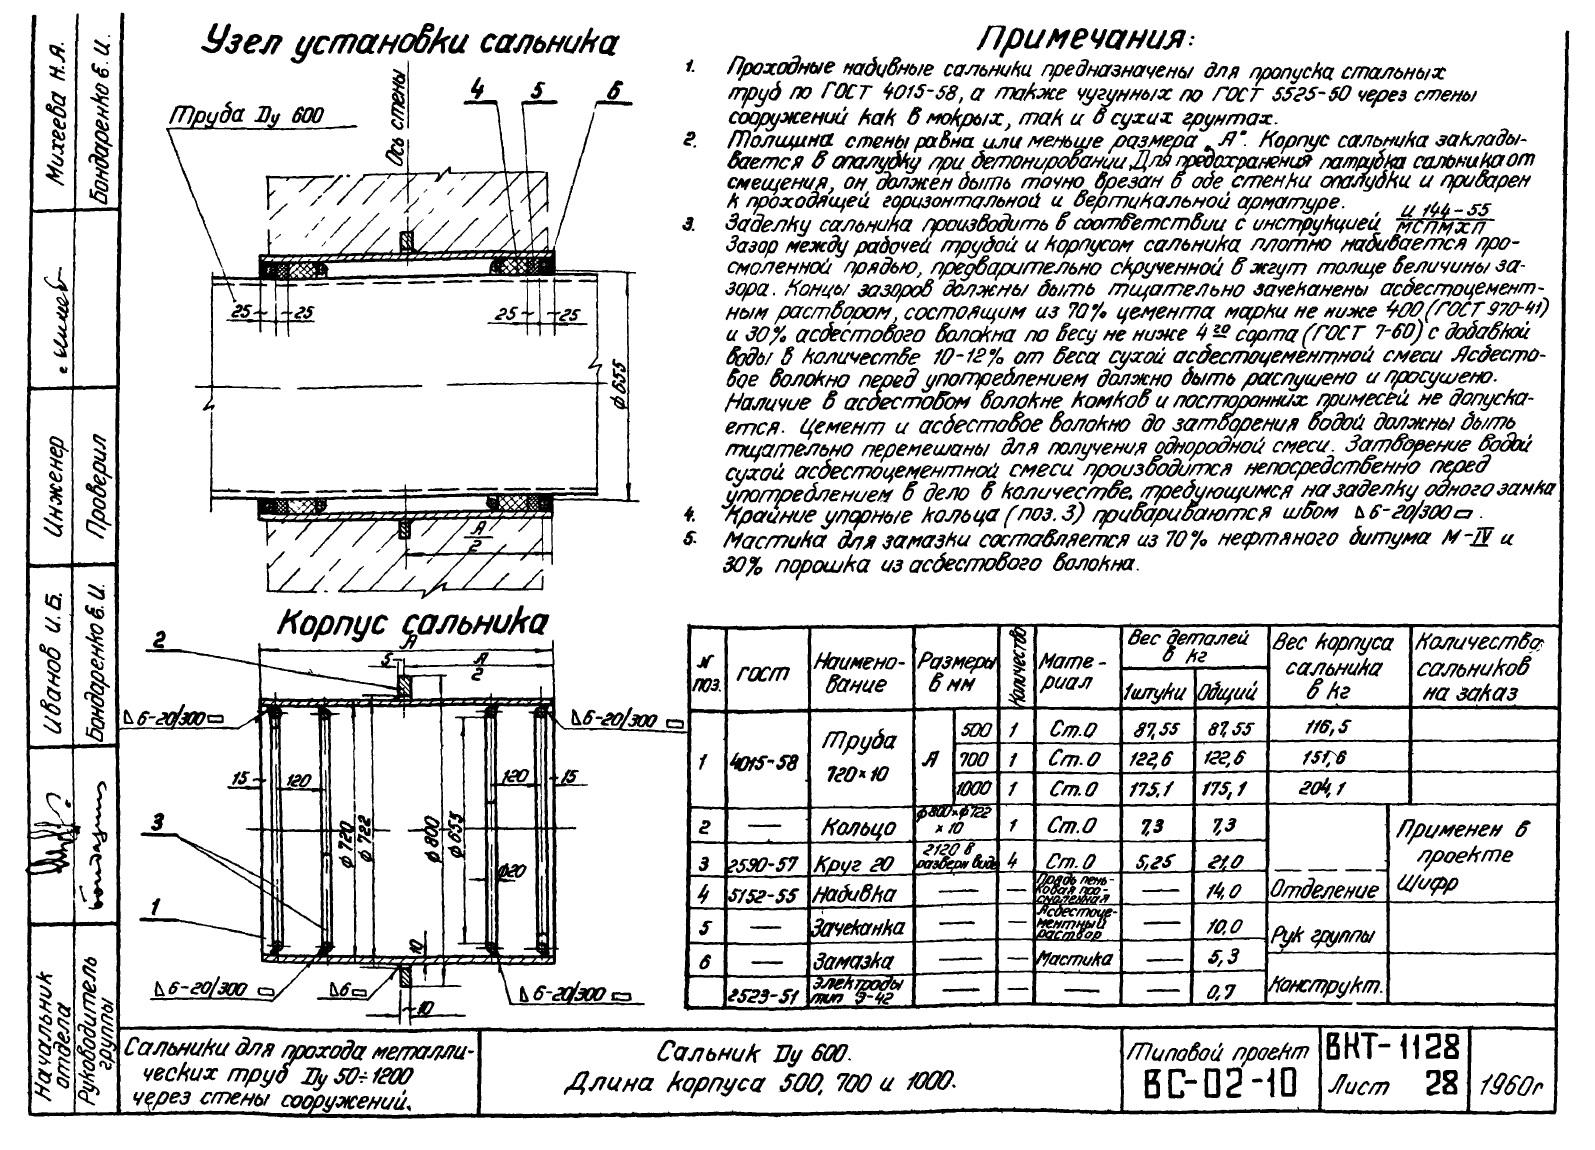 Сальники набивные L = 700 мм типовой проект ВС-02-10 стр.13